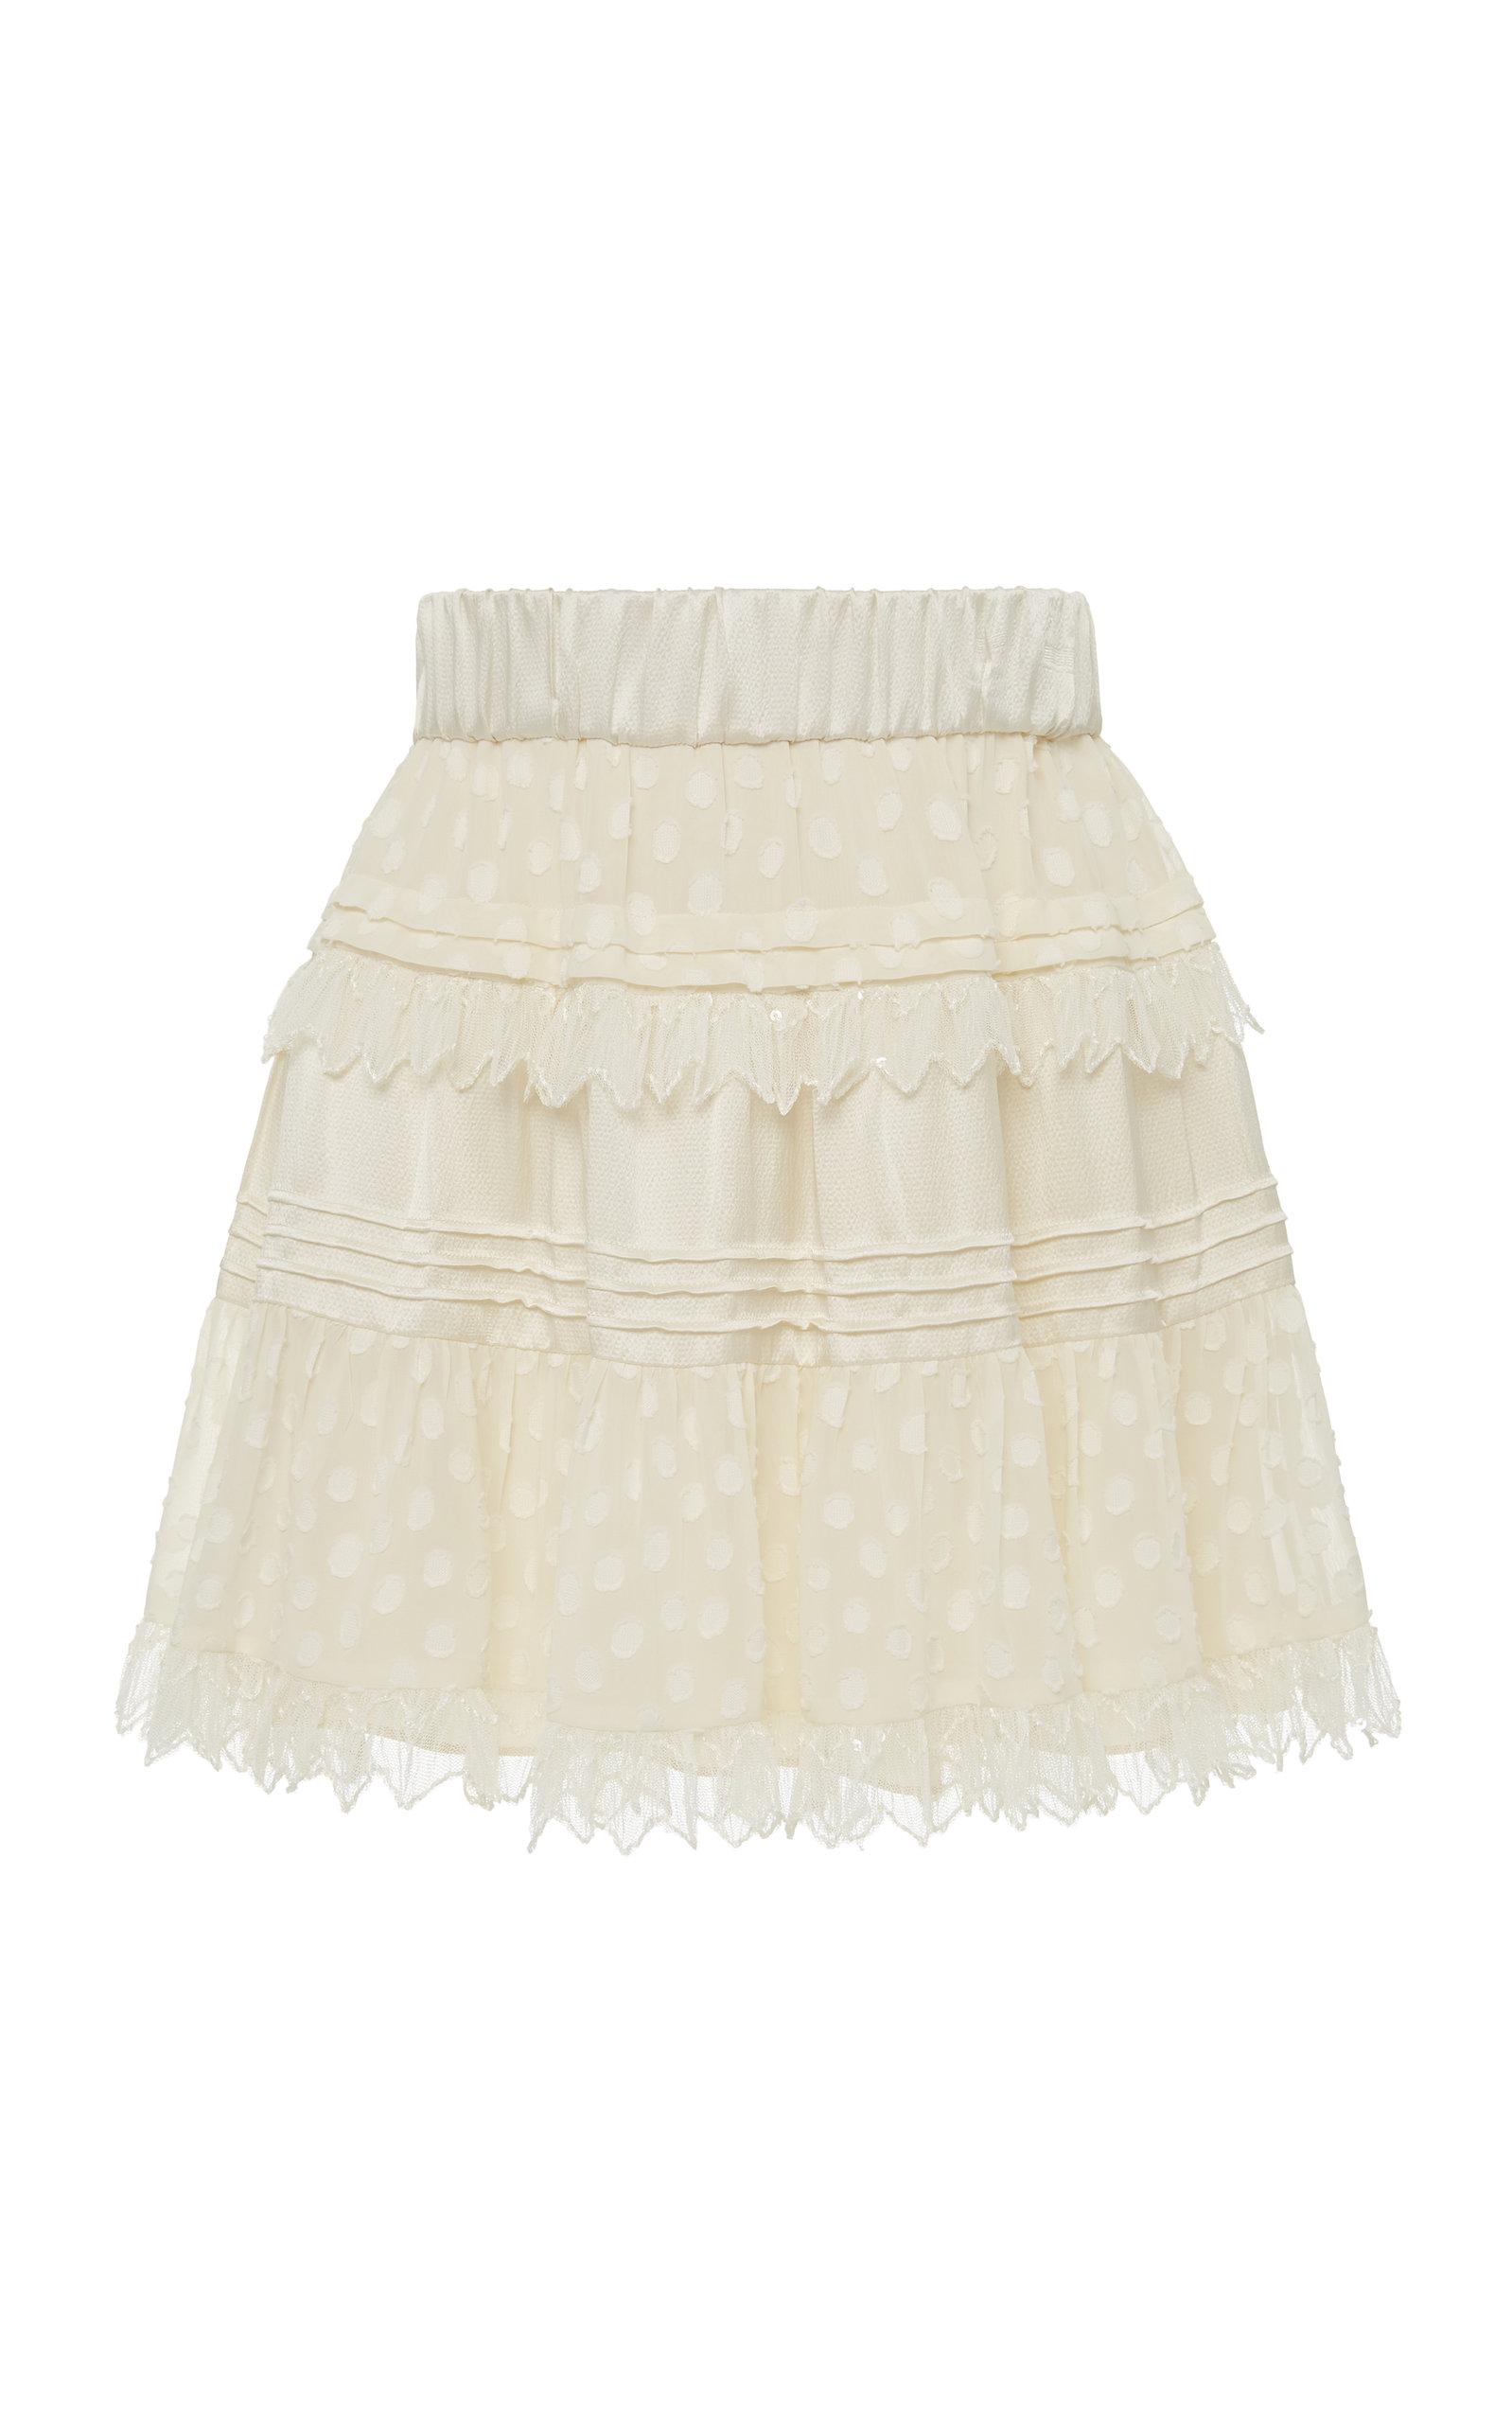 Yakira Cotton Ruffle Mini Skirt by Alexis